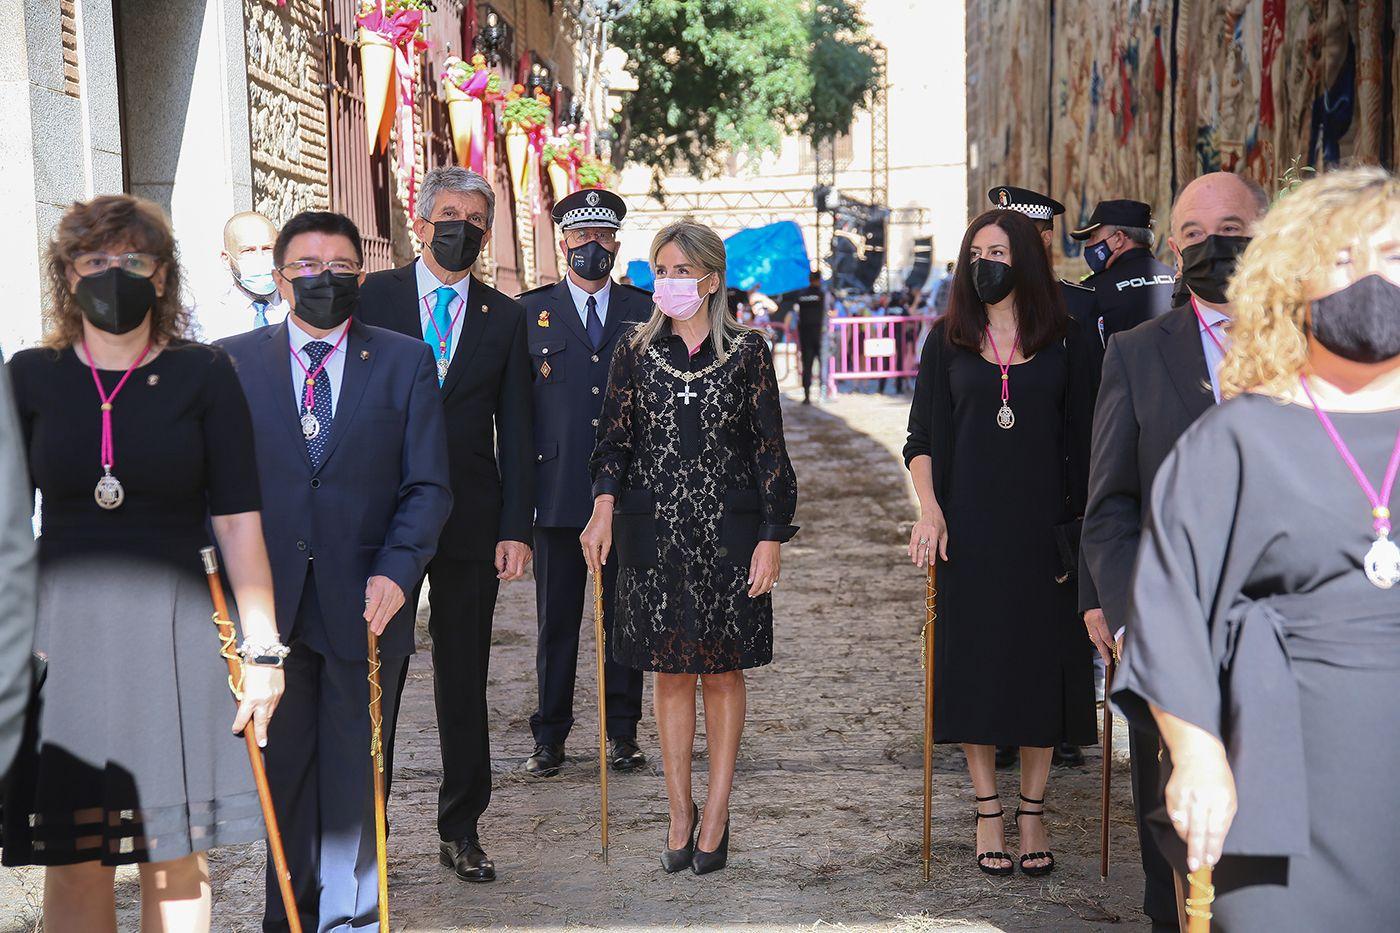 La alcaldesa participa en un Corpus Christi que retoma la procesión eucarística adaptada a la situación sanitaria